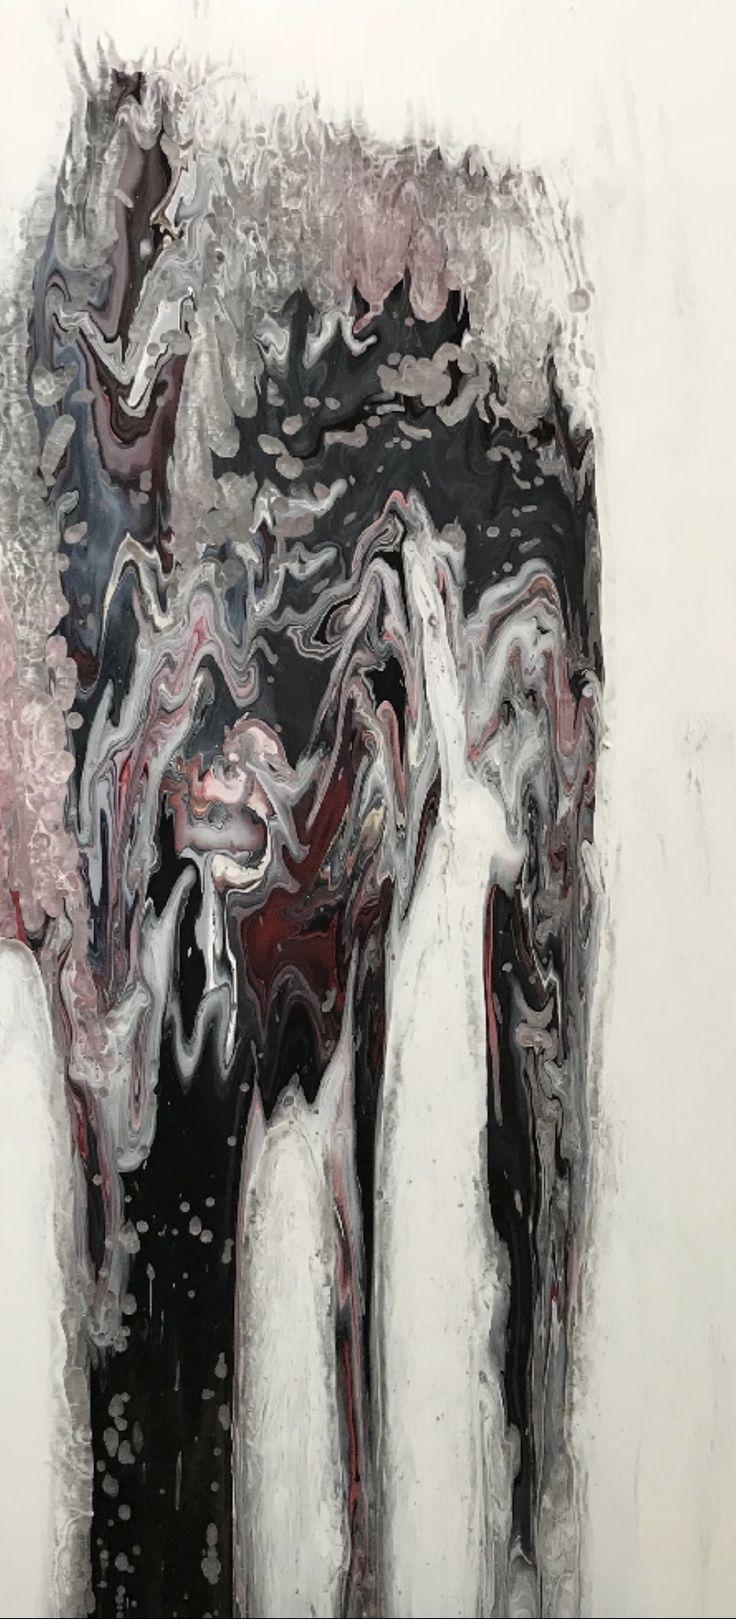 """Loulee est née en 1975 à Montréal, Québec. Elle étudie le design à l'académie Julien et s'intéresse à l'art très tôt. Son travail est imprégné du mouvement et des formes perçues dans la froideur du marbre. Ses oeuvres vous absorbe, d'où, il s'en dégage une """"zénitude"""" relaxante, apaisante et profonde qui capteront votre regard."""